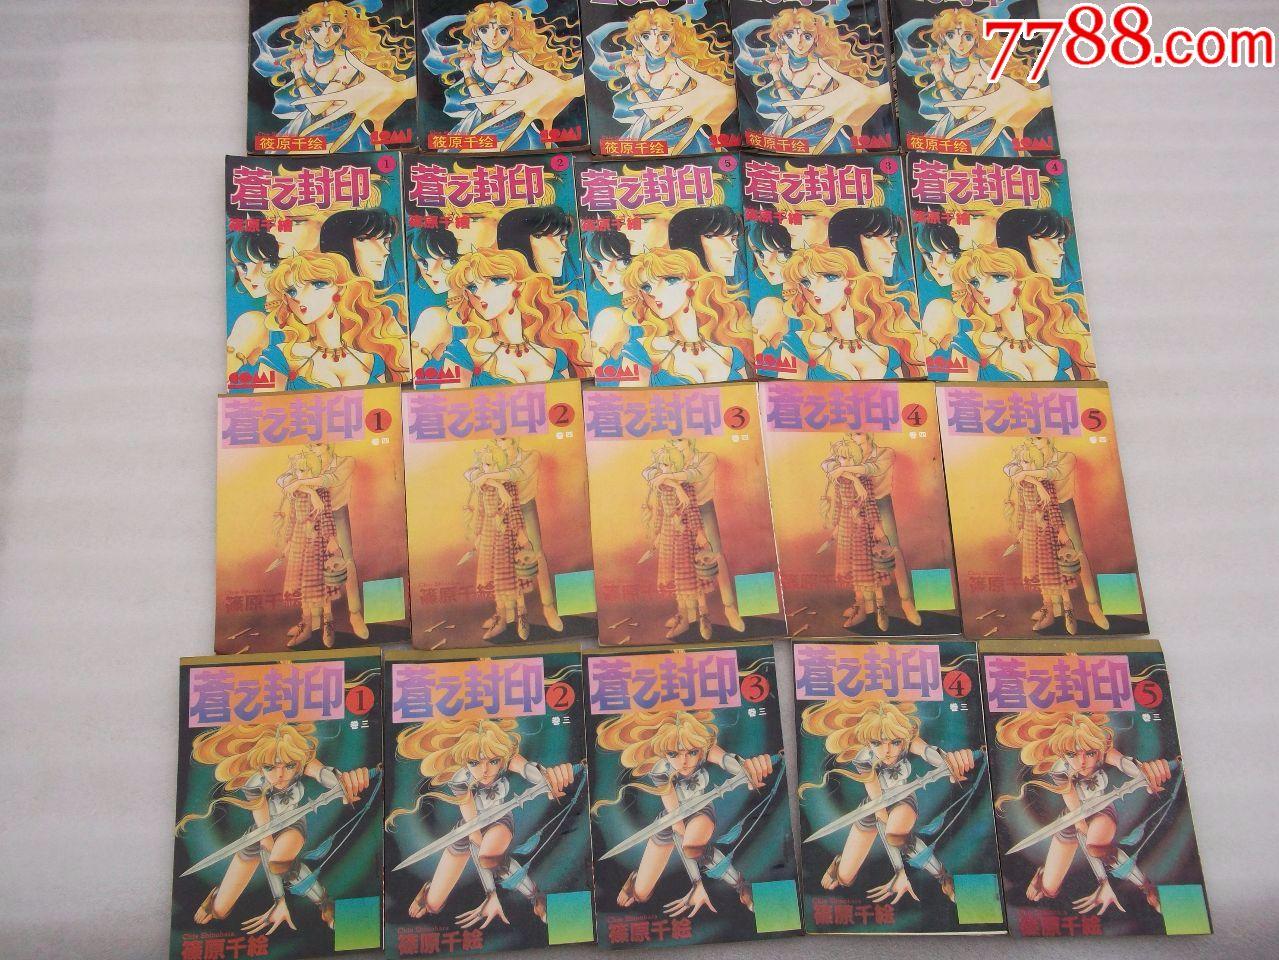 卡通漫画;《苍之封印》(全5卷共20册)合售包邮神弑者同人漫画图片